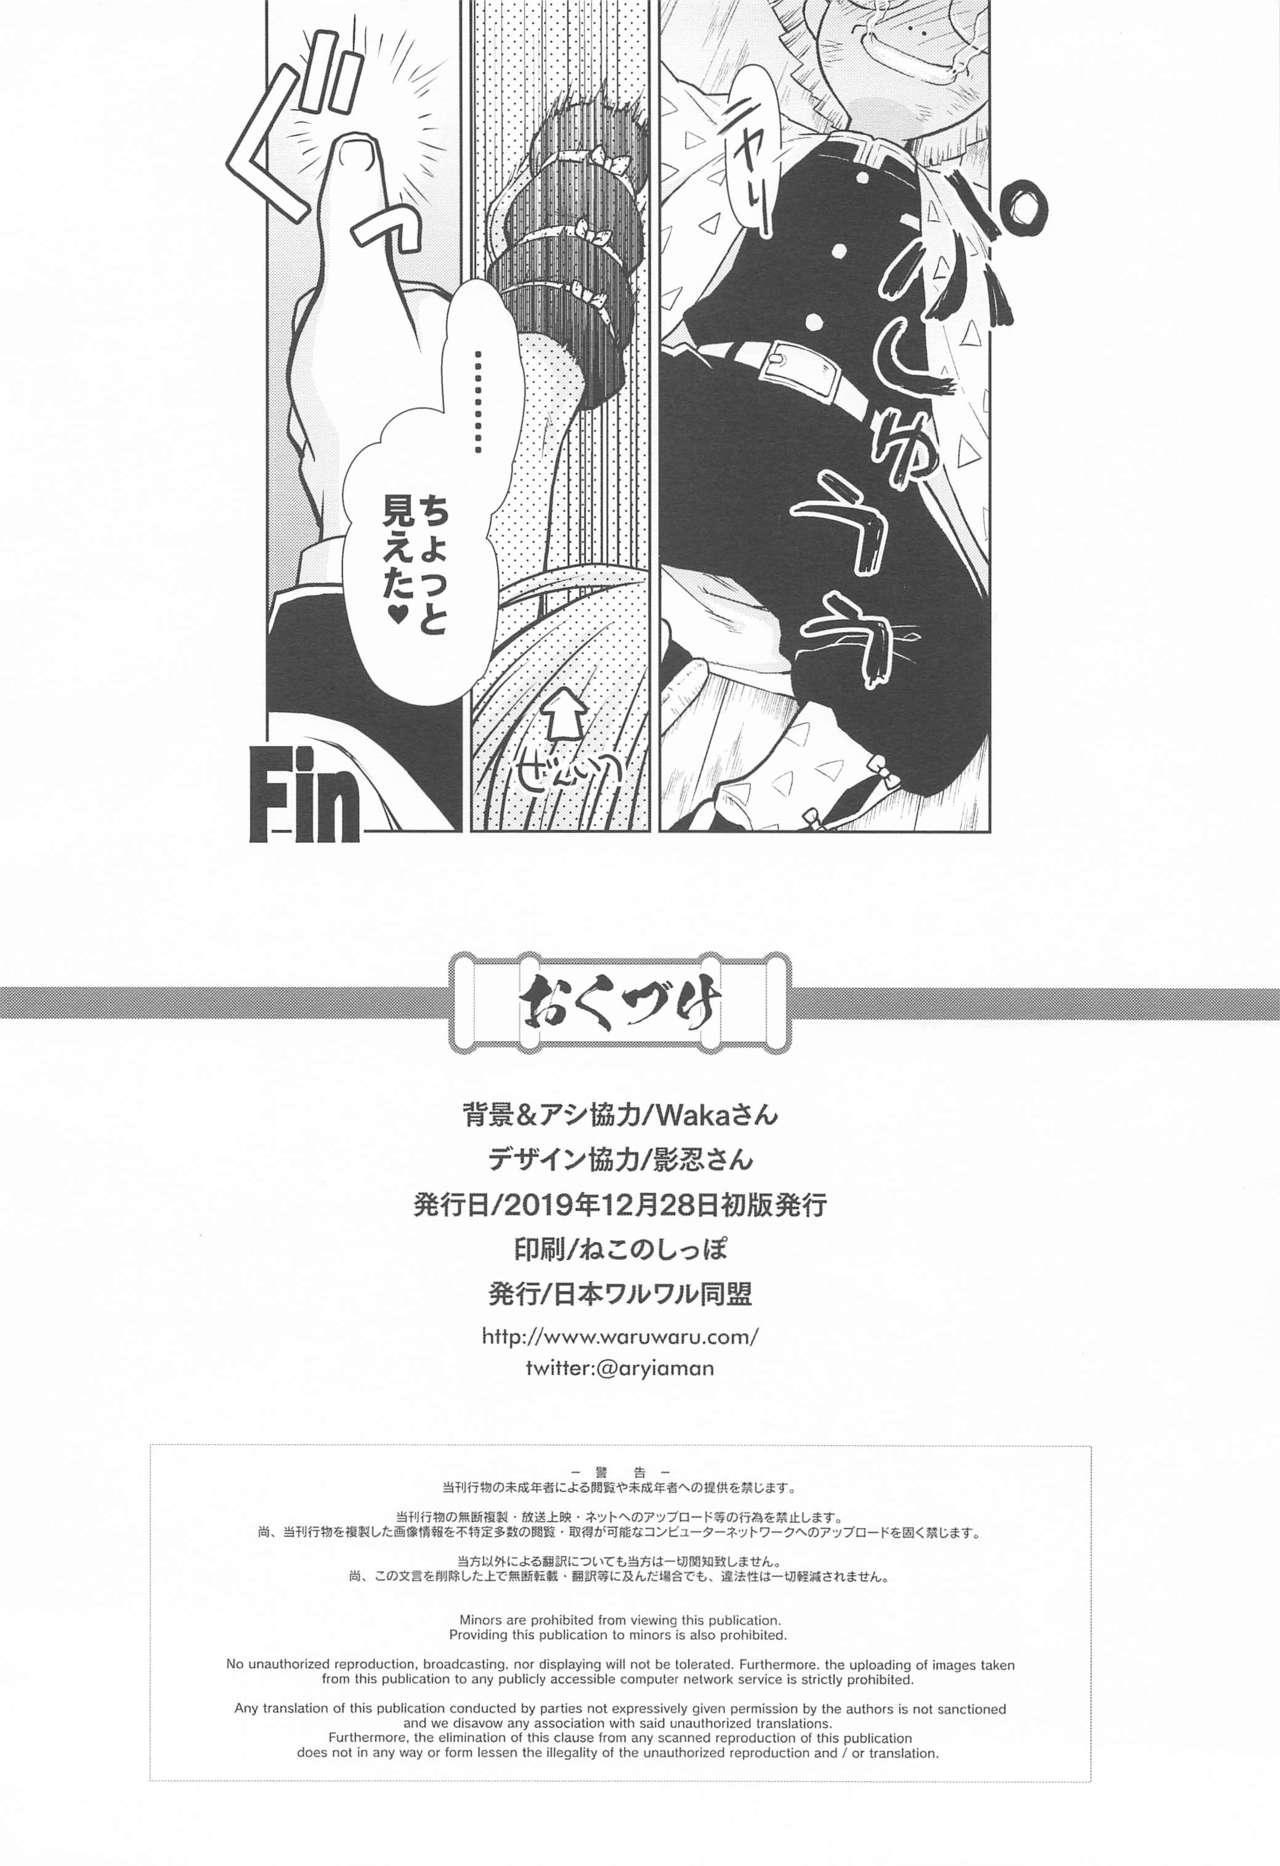 Zenitsu no Kiyuu Kimetsu no Yaiba Itan 16